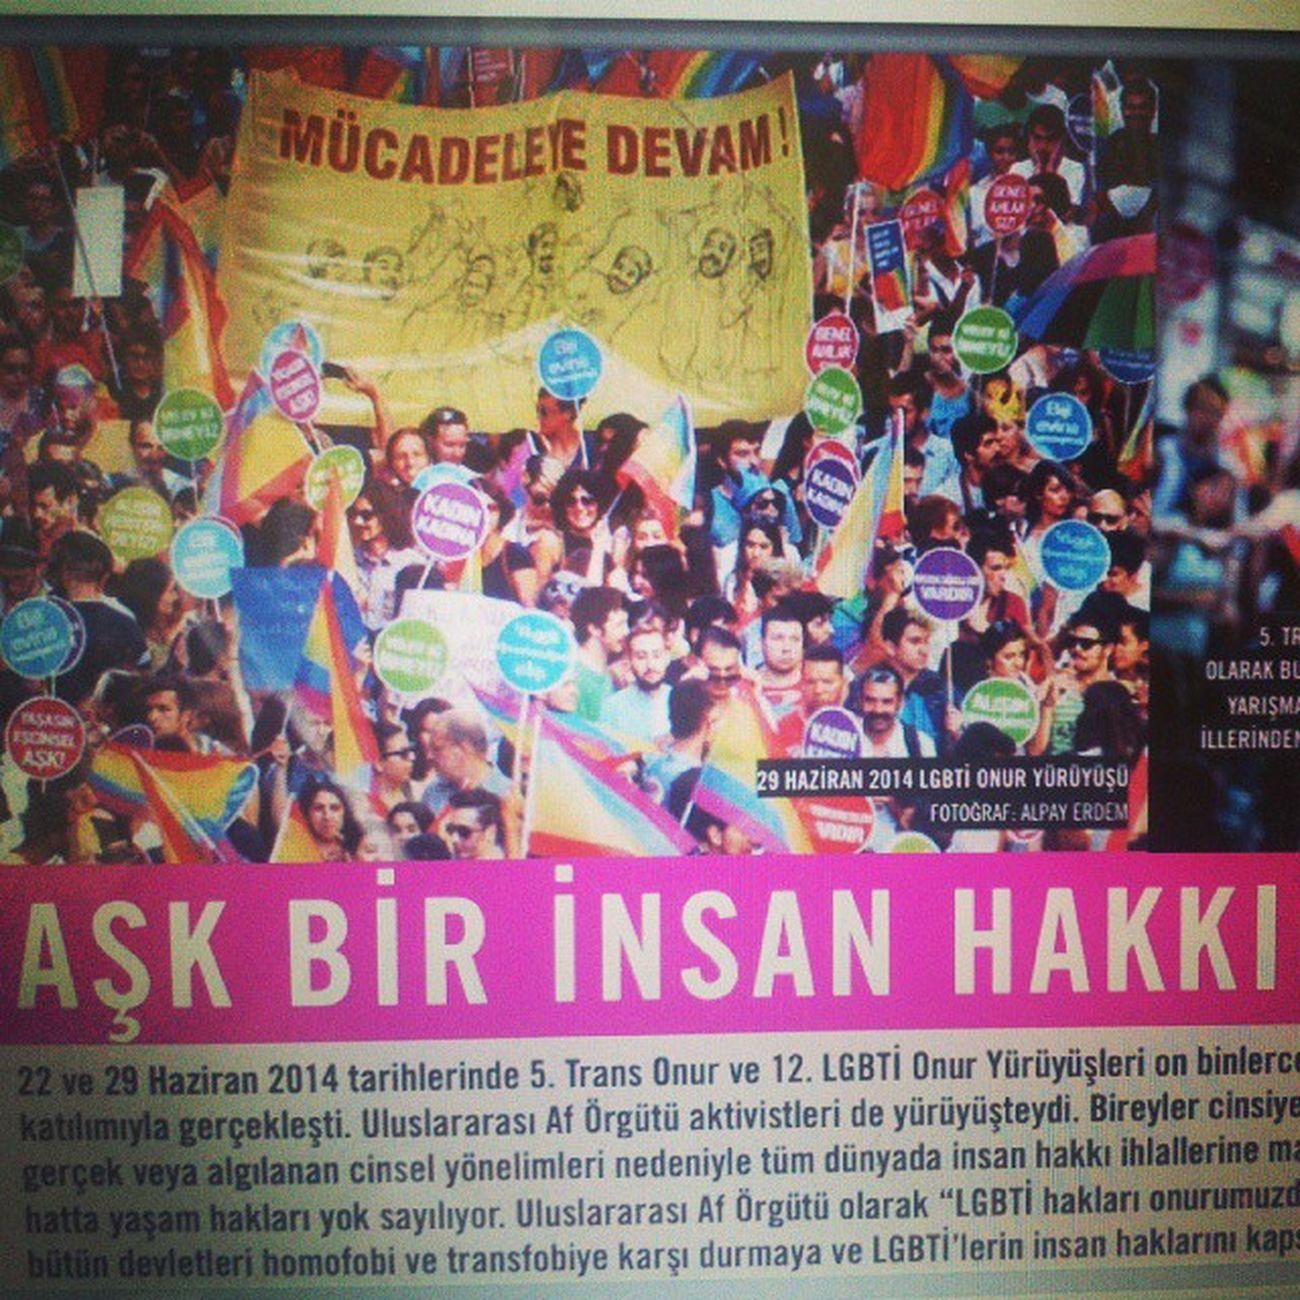 Uluslararası Af Örgütü'nün yeni bülteni yayımlandı. Fotoğrafımla son sayıdayım. http://amnesty.org.tr/uploads/Docs/bulten14-2web686.pdf Amnesty Uluslararasıaförgütü Türkiye Bulten fotoğraf